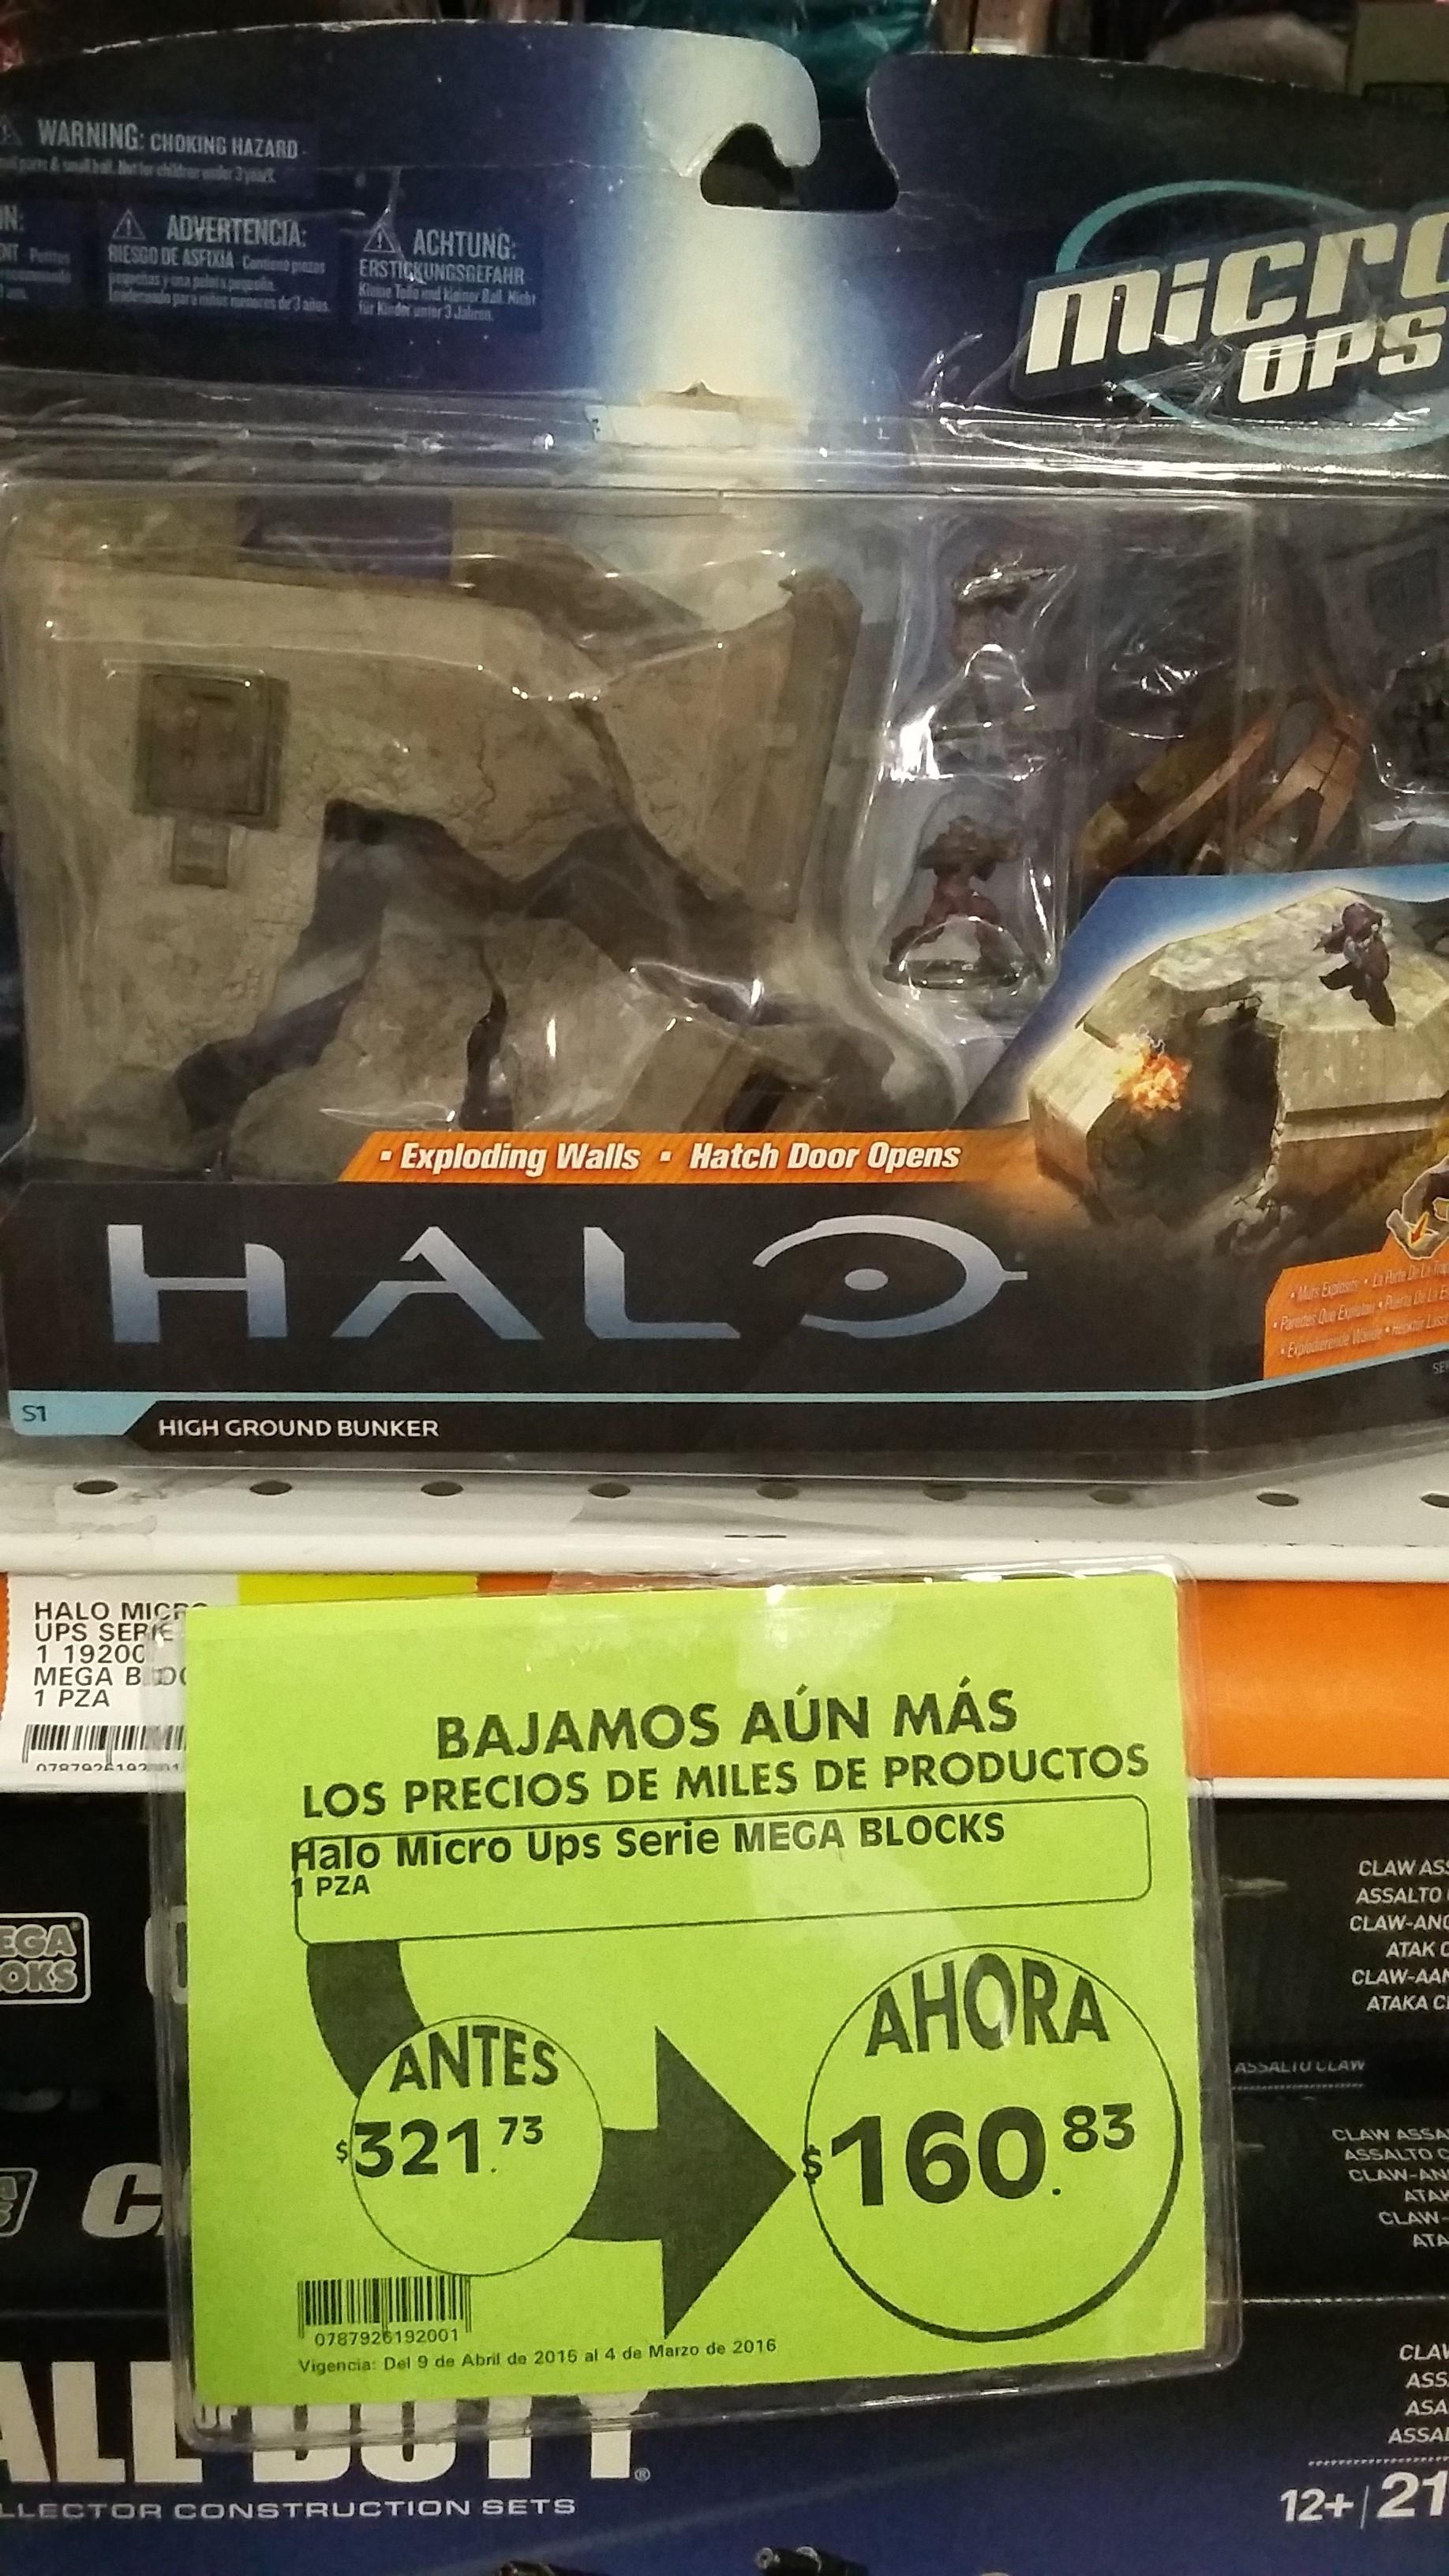 La Comer: Promoción de Halo Micro Ops serie Mega Blocks